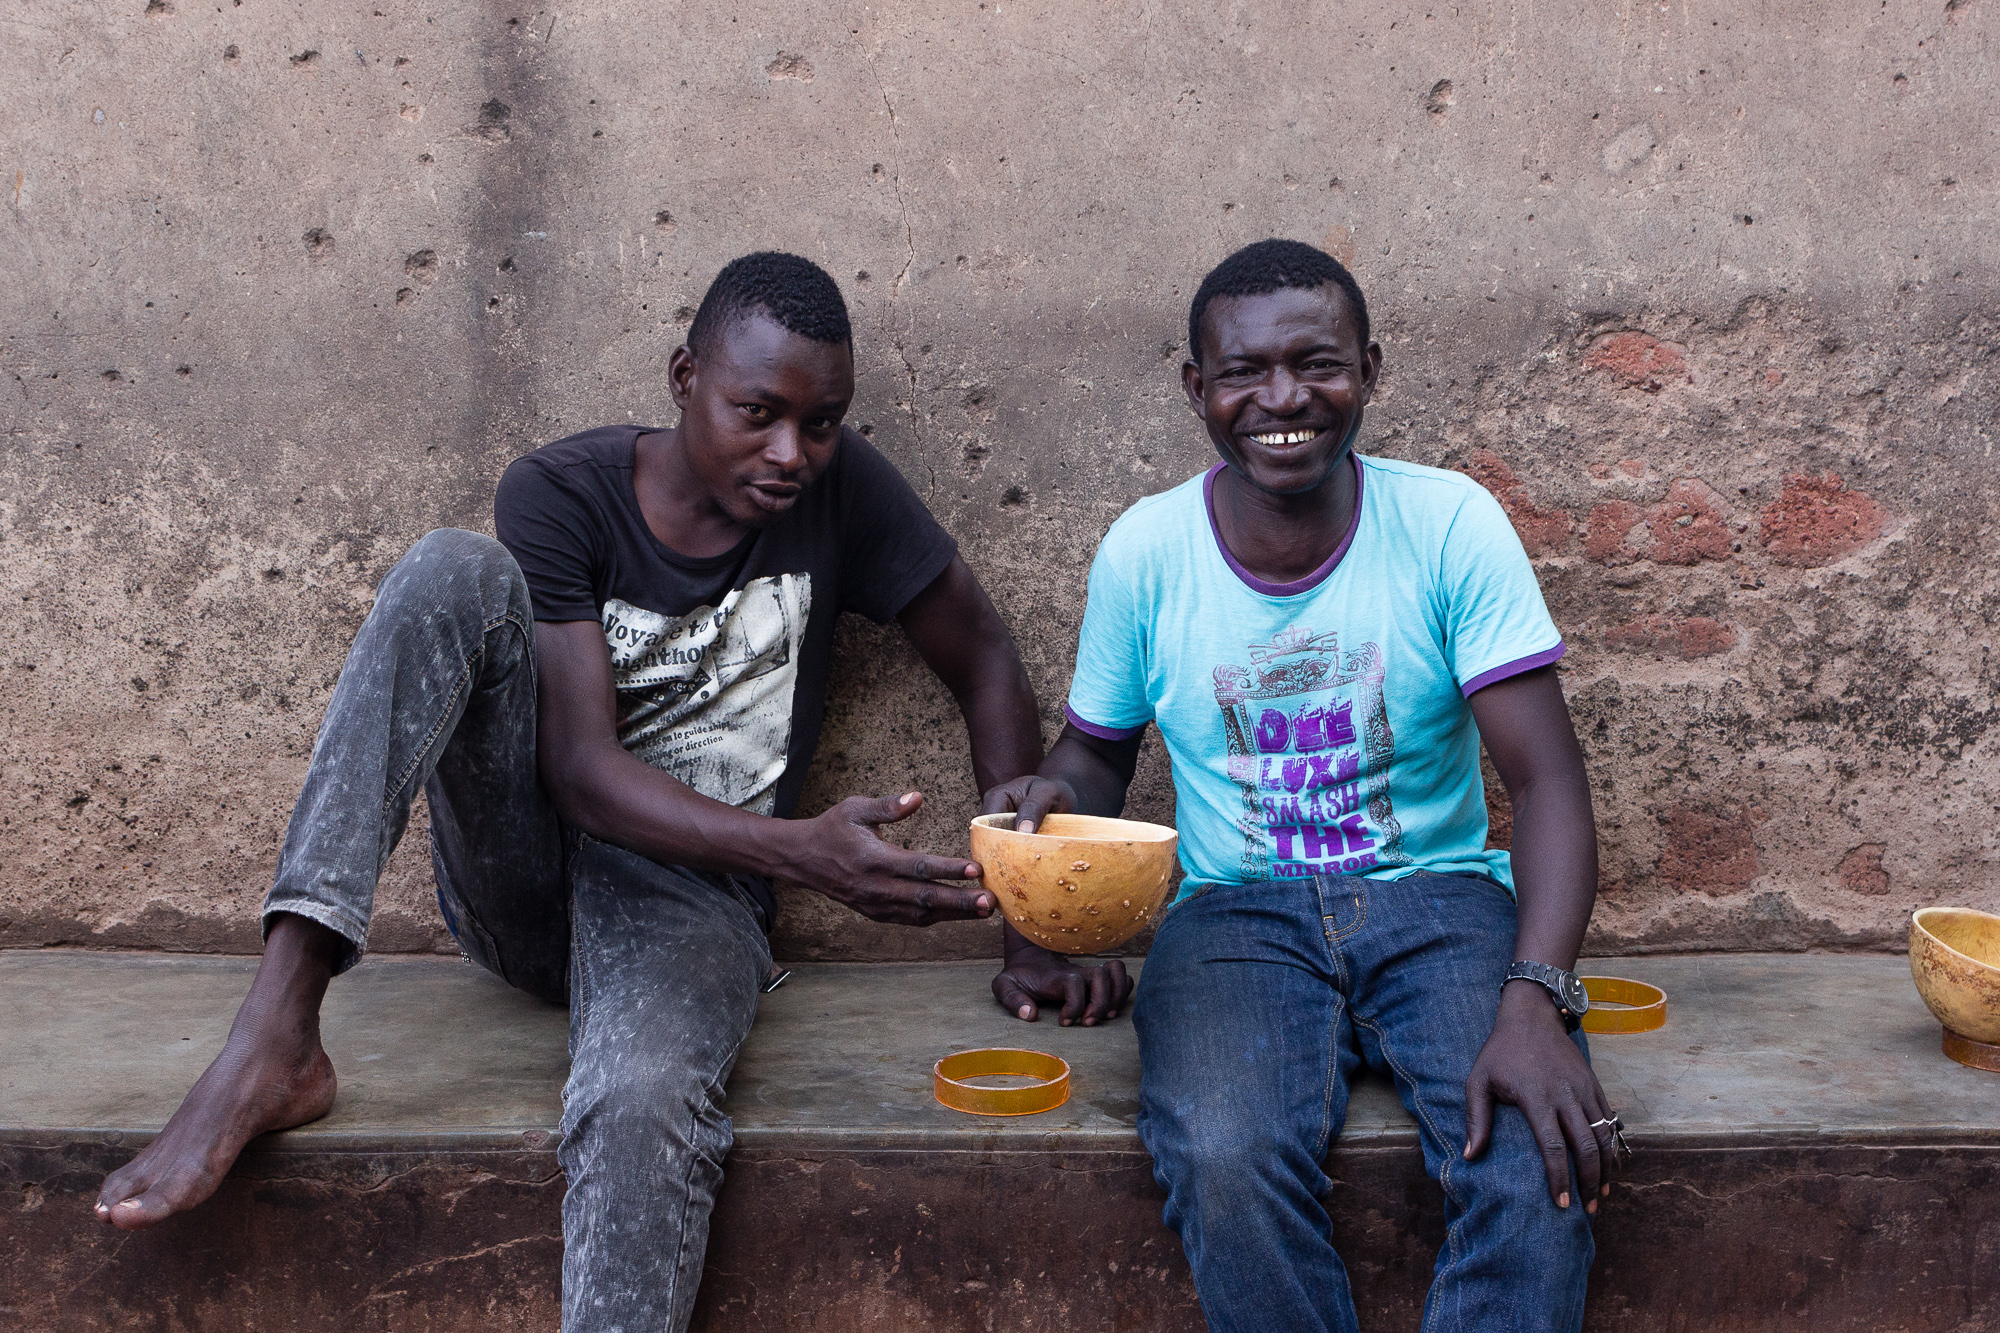 Deux hommes boivent de la dolo dans le Vieux Bobo, Bobo Dioulasso, Burkina Faso